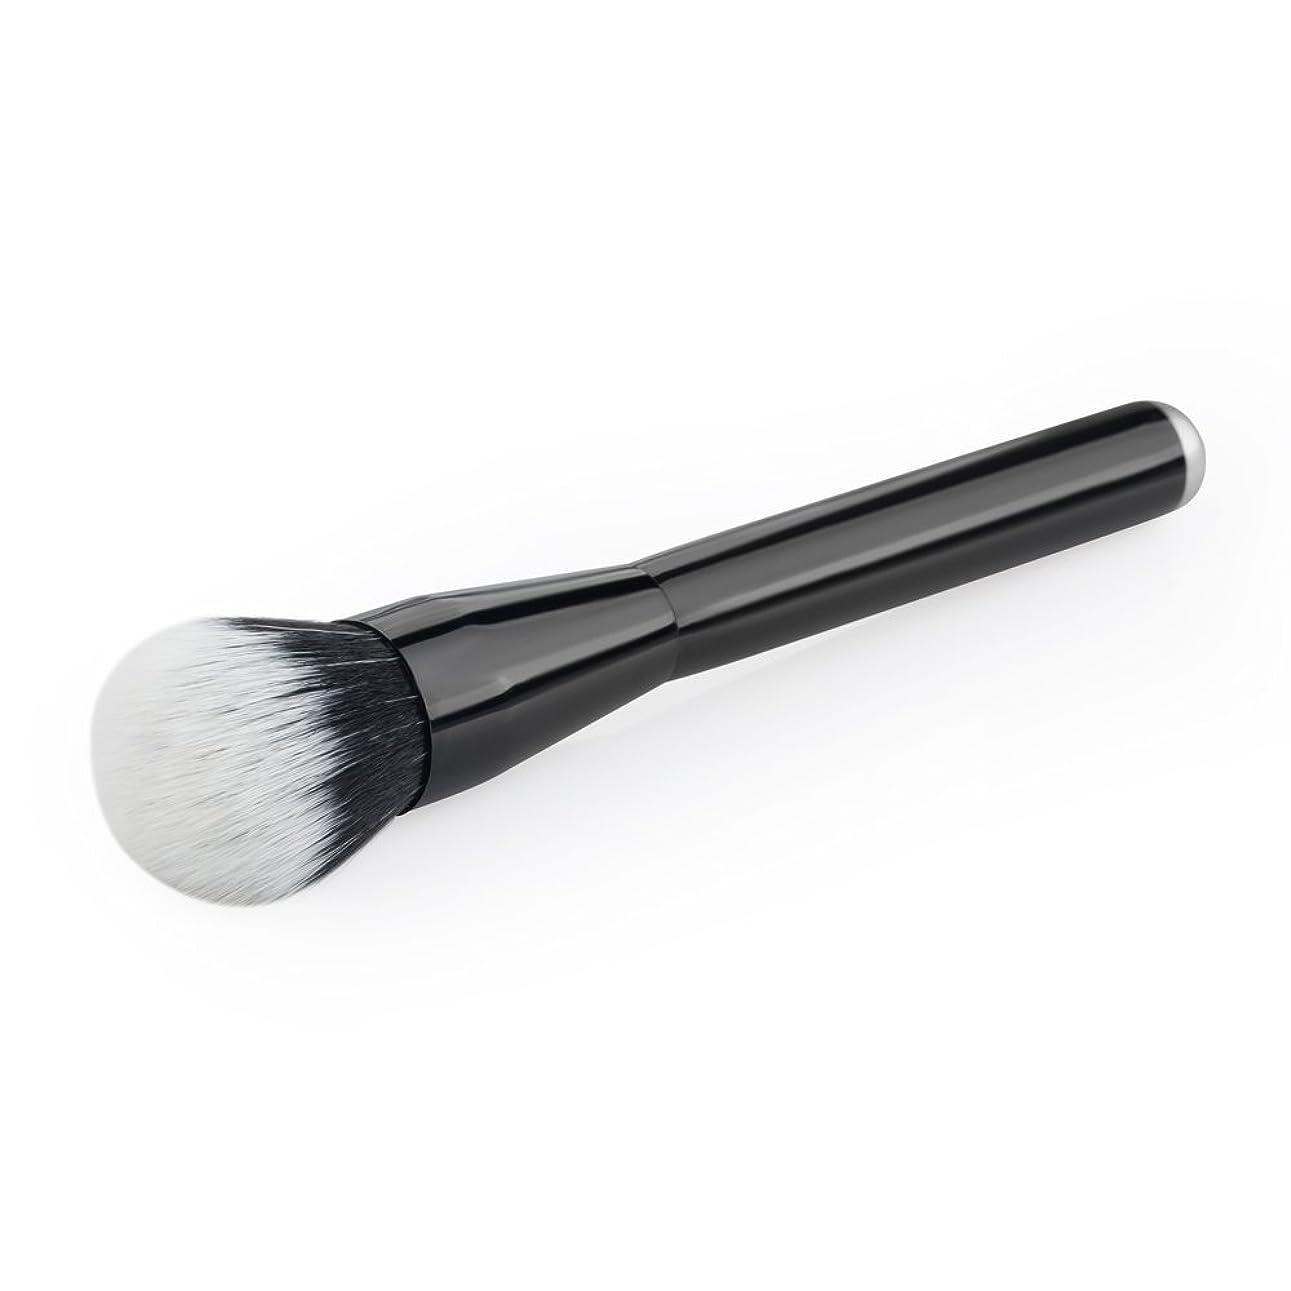 にはまってビール石灰岩(デマ―クト)De.Markt メイクブラシセット 高級化粧筆 メイクブラシ 極細毛をたっぷり使用 多機能 1本セット チークブラシ